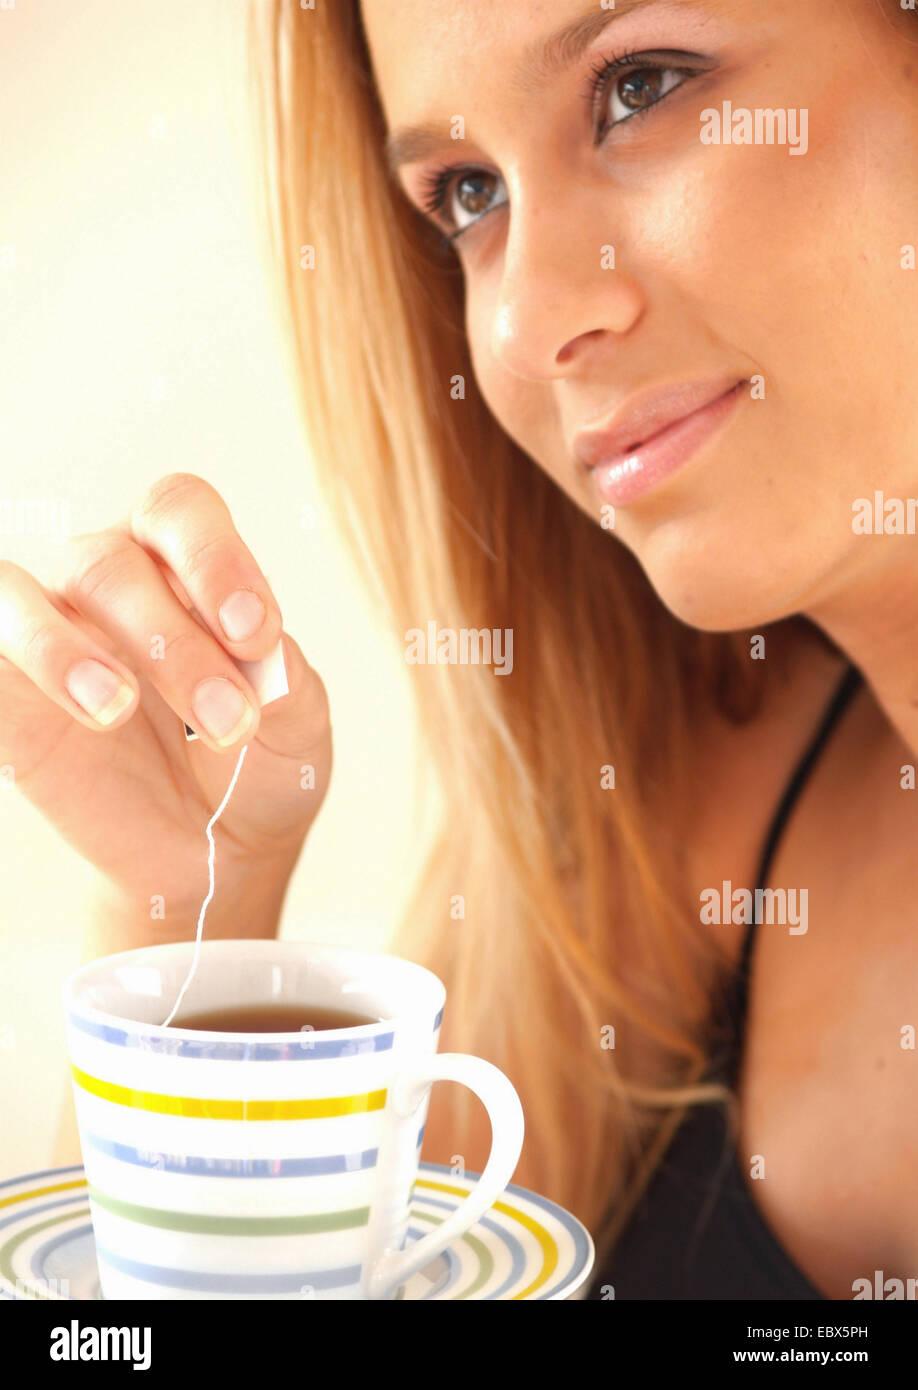 Giovane donna irradia serenità è immergendo un sacchetto da tè in una tazza Immagini Stock